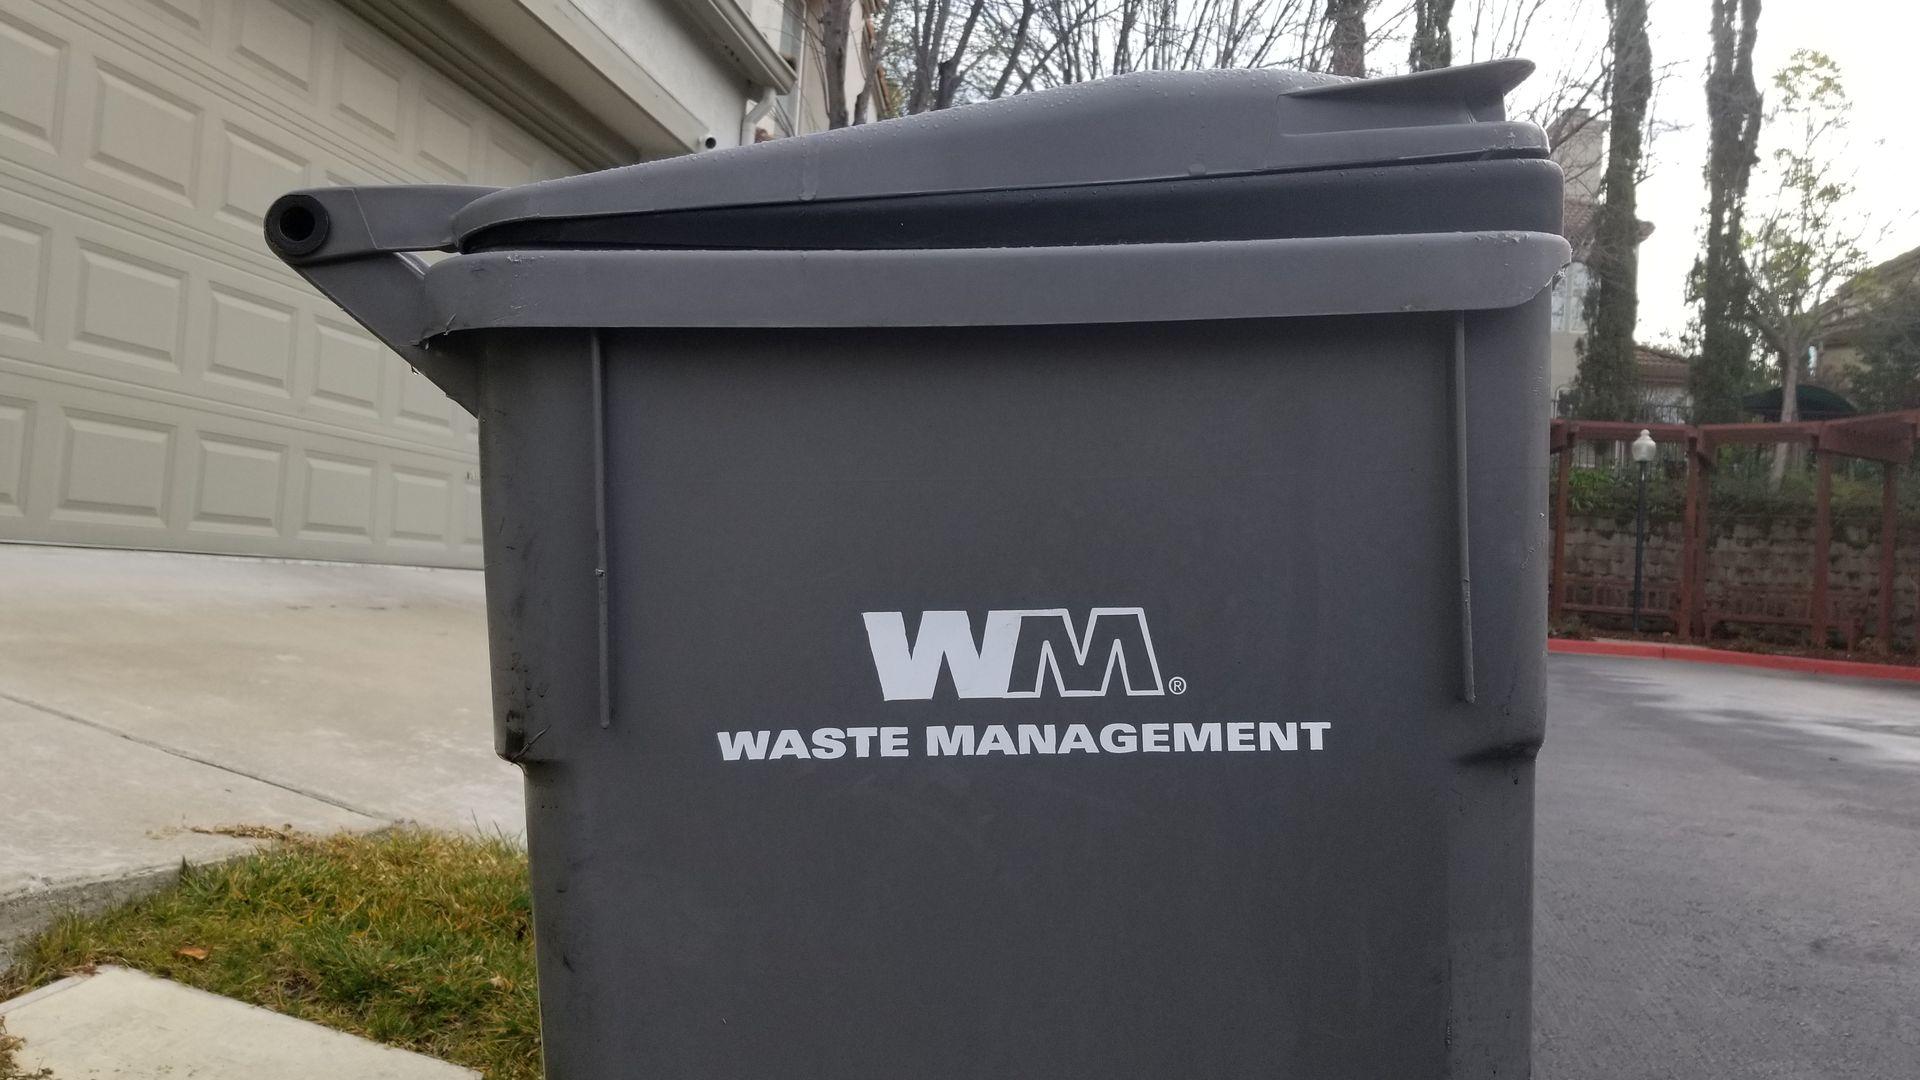 Waste Management trash can